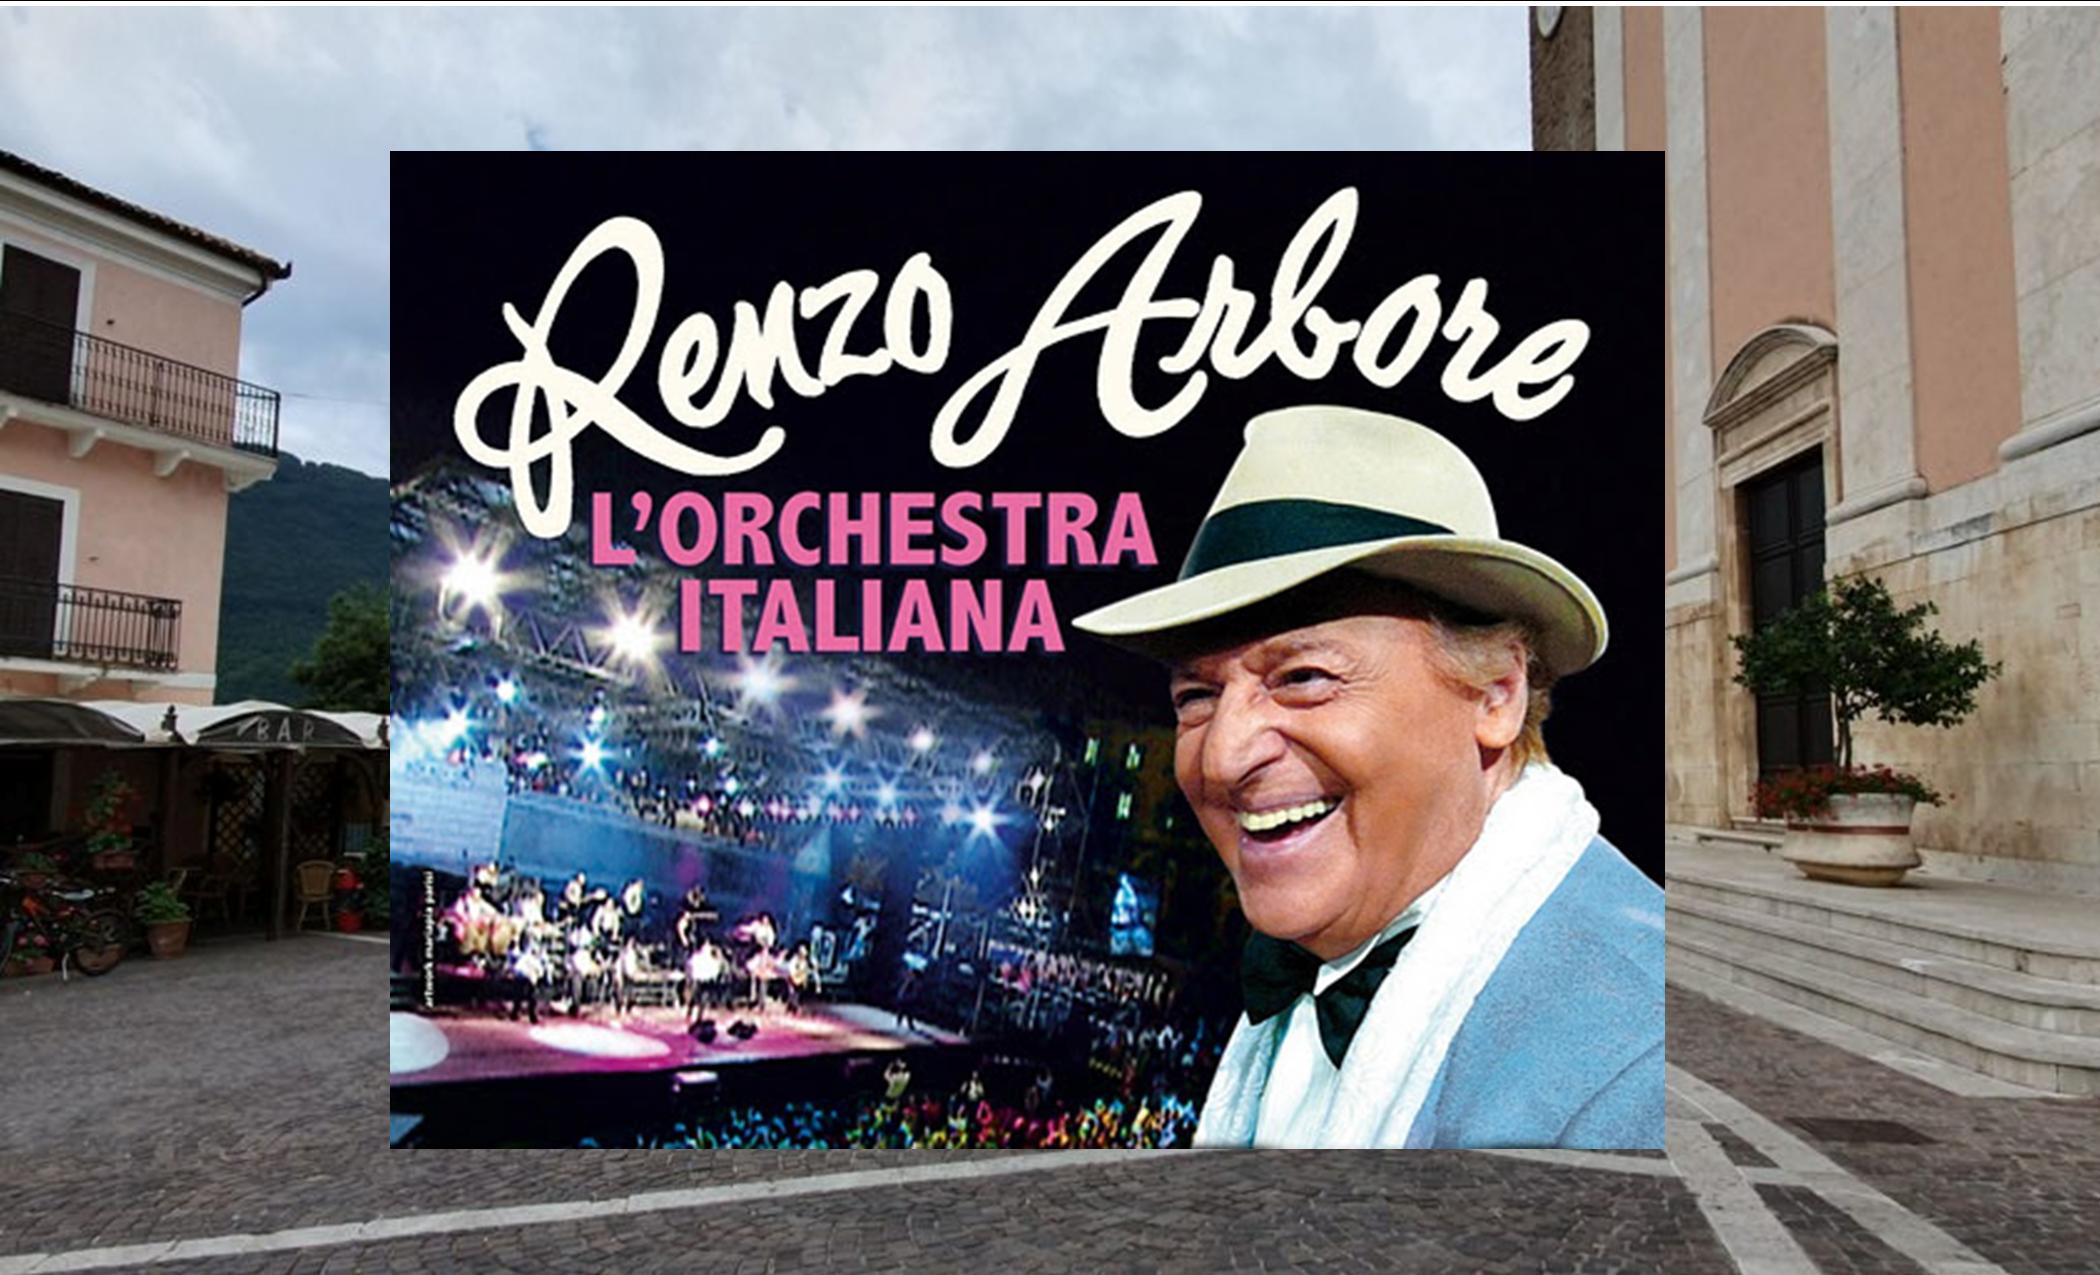 Gran concerto d'estate a Jenne con Renzo Arbore e l'orchestra italiana, il 17 agosto nella perla della Valle Aniene